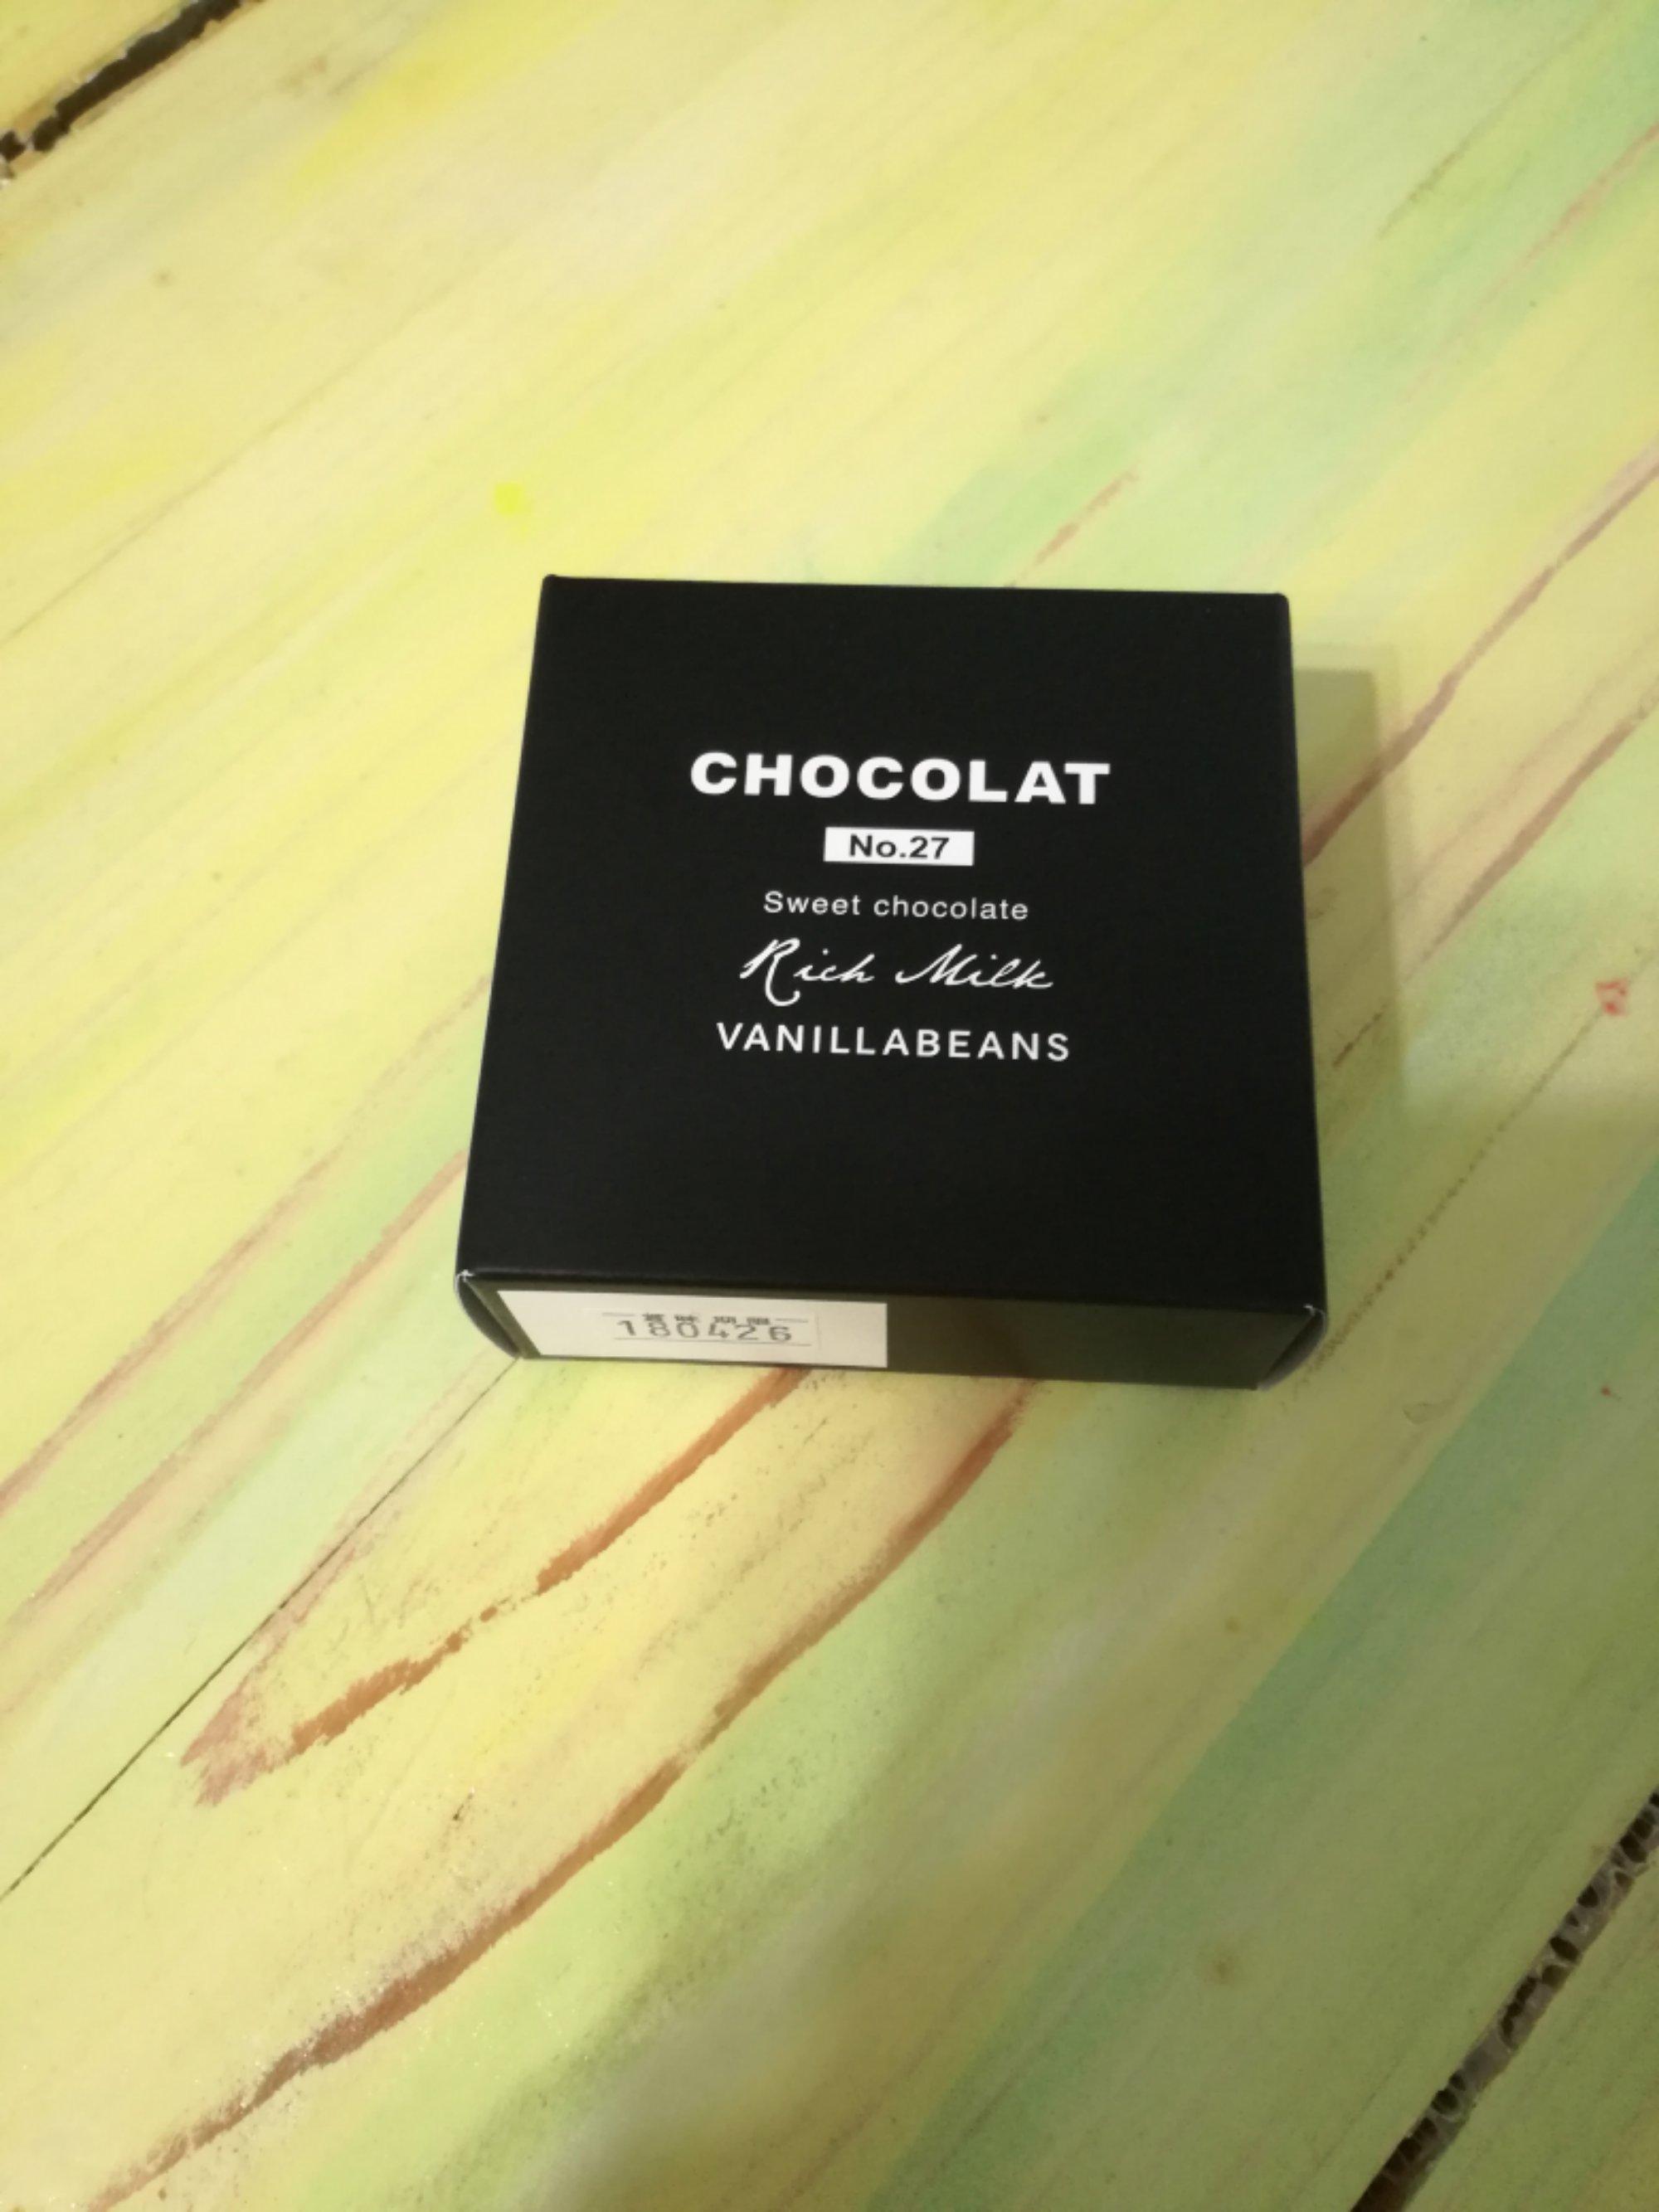 プレゼントに困ったらおすすめのチョコレート!バニラビーンズ「ショーコラ&パリ」